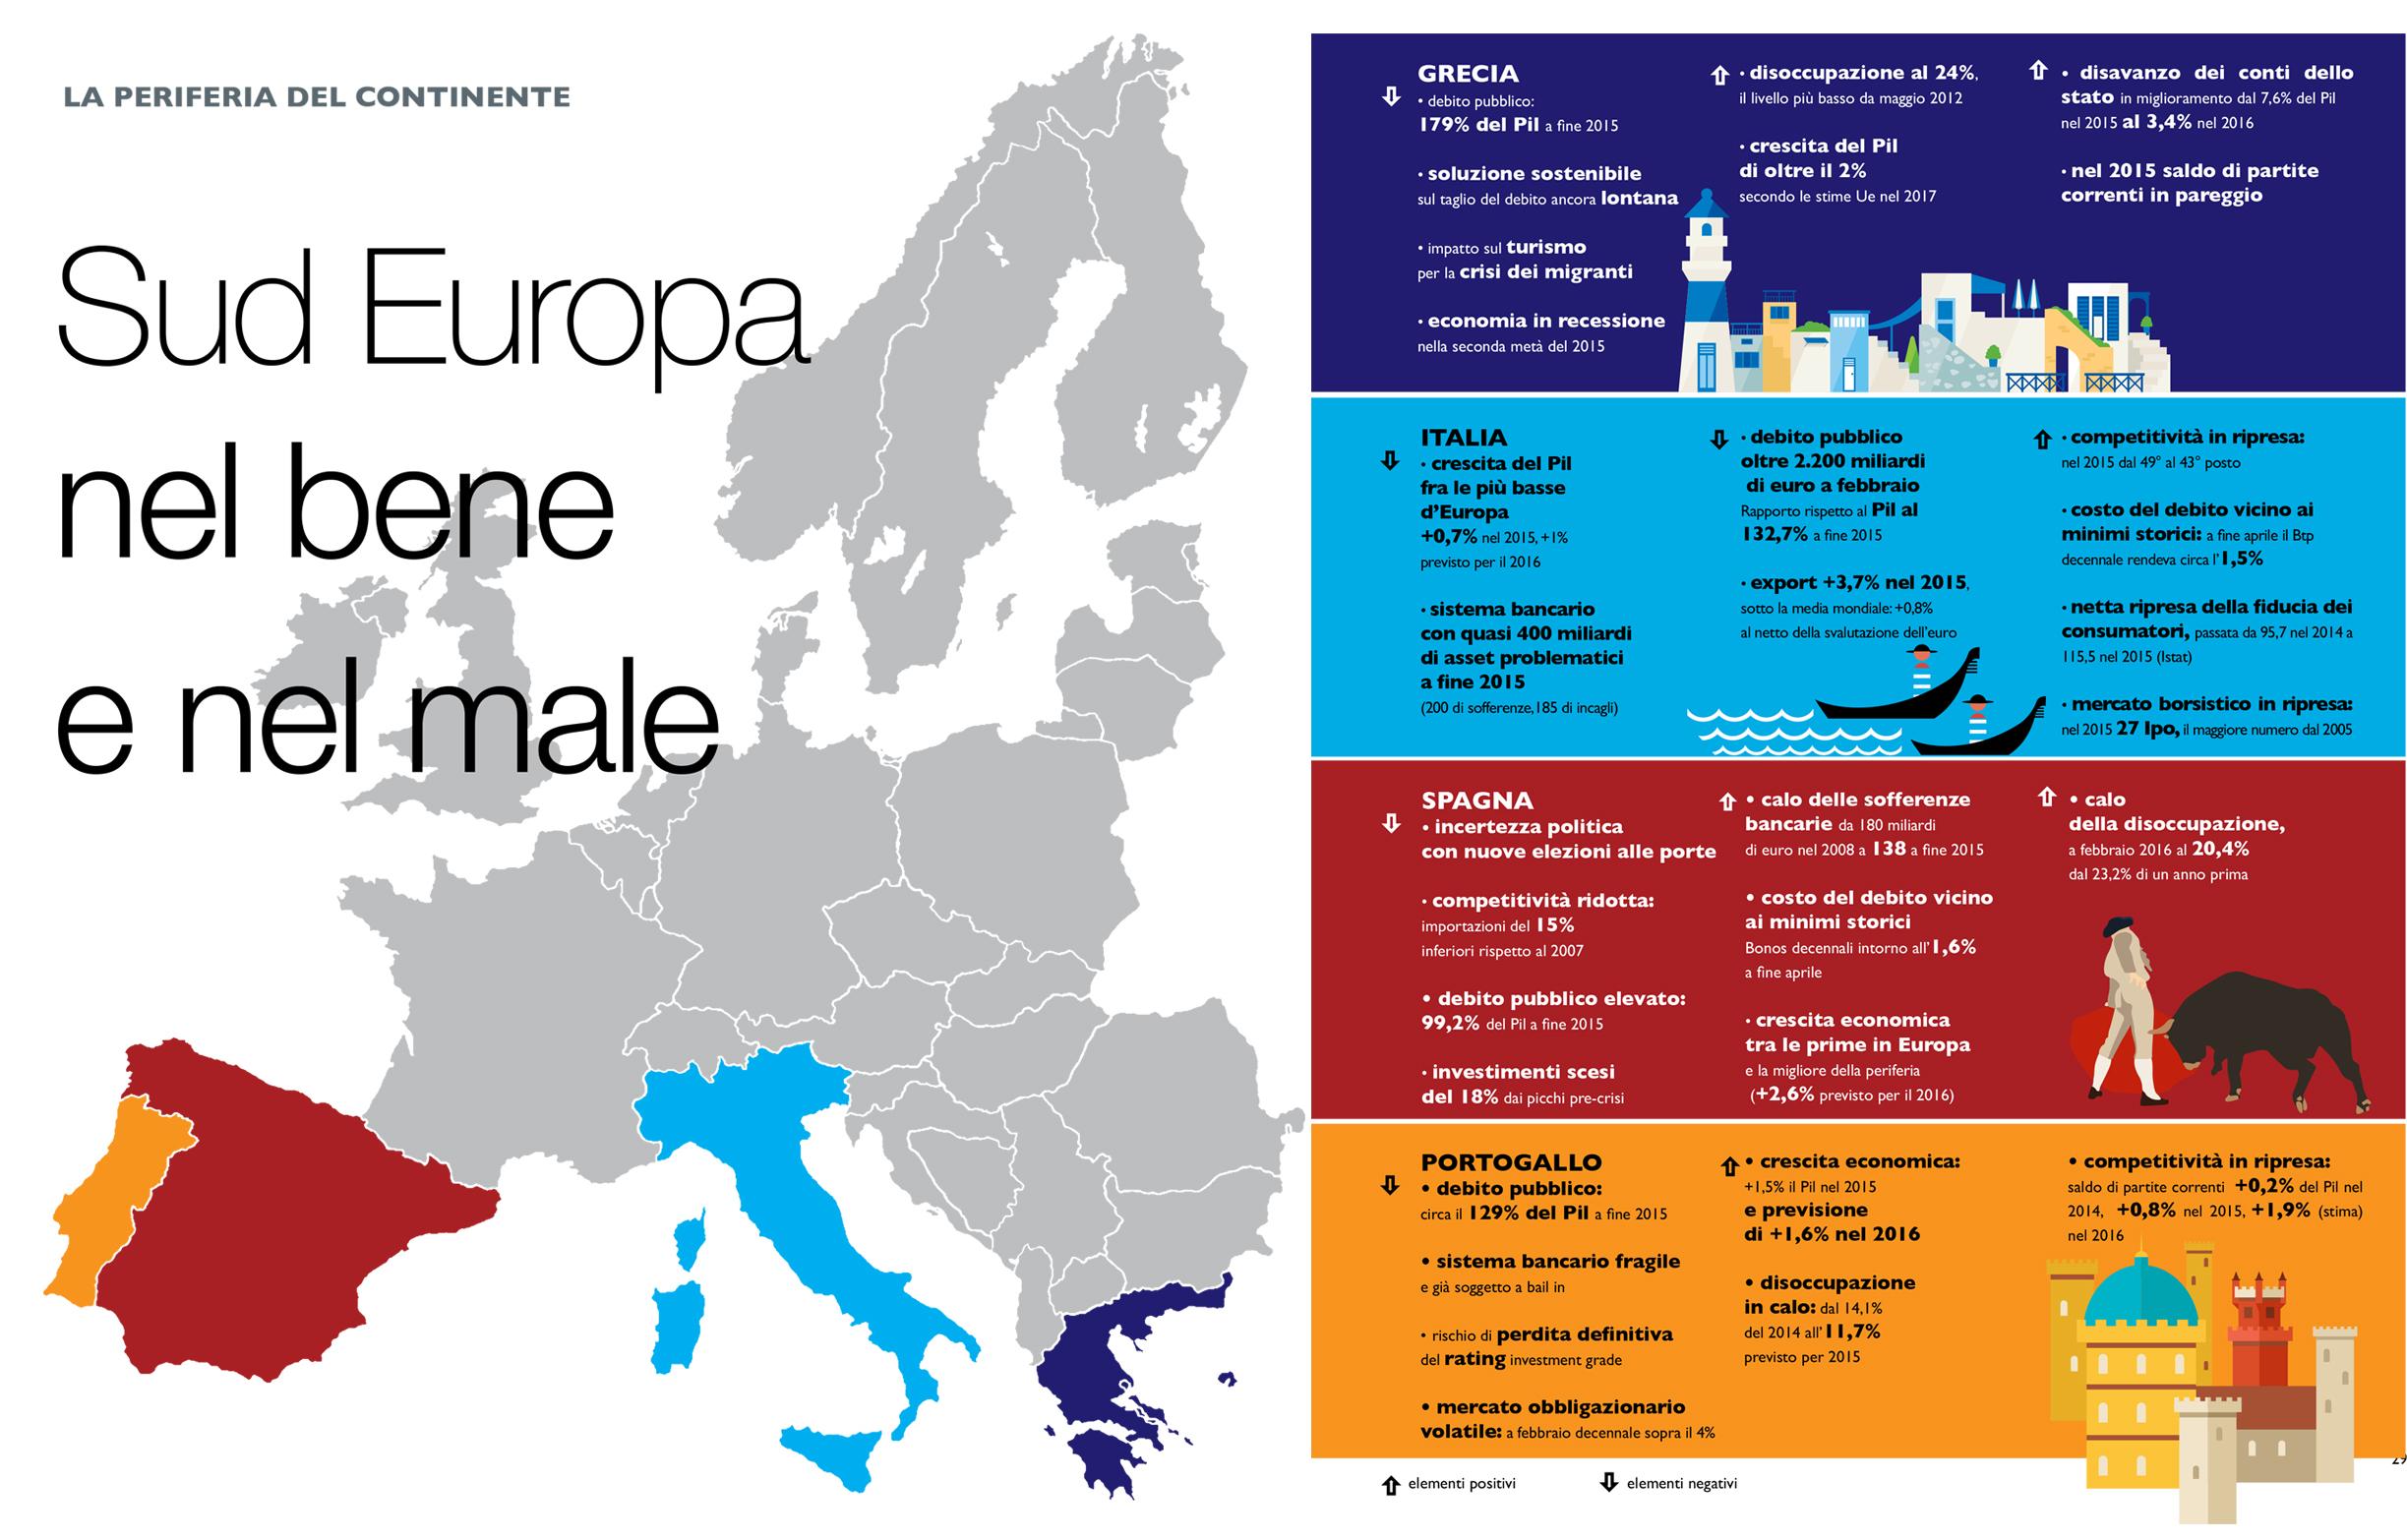 Sud Europa nel bene e nel male